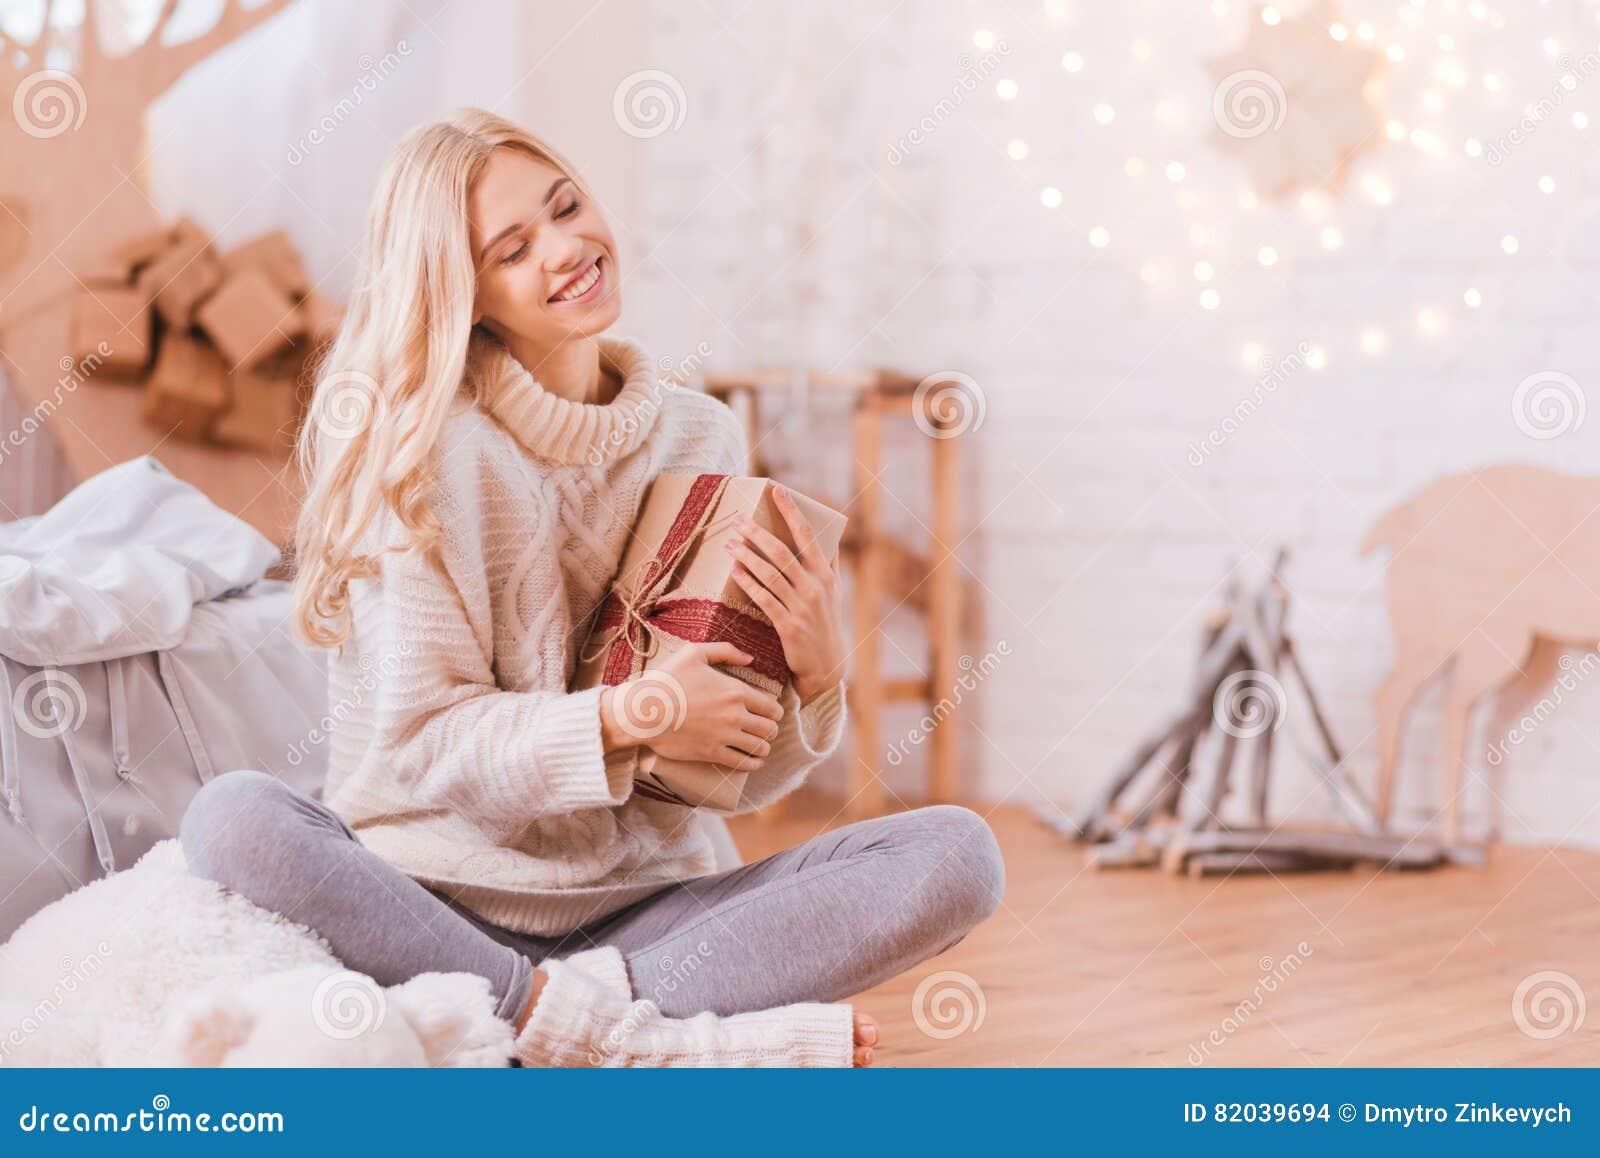 Junge Träumerische Frau, Die Ein Weihnachtsgeschenk In Ihren Händen ...